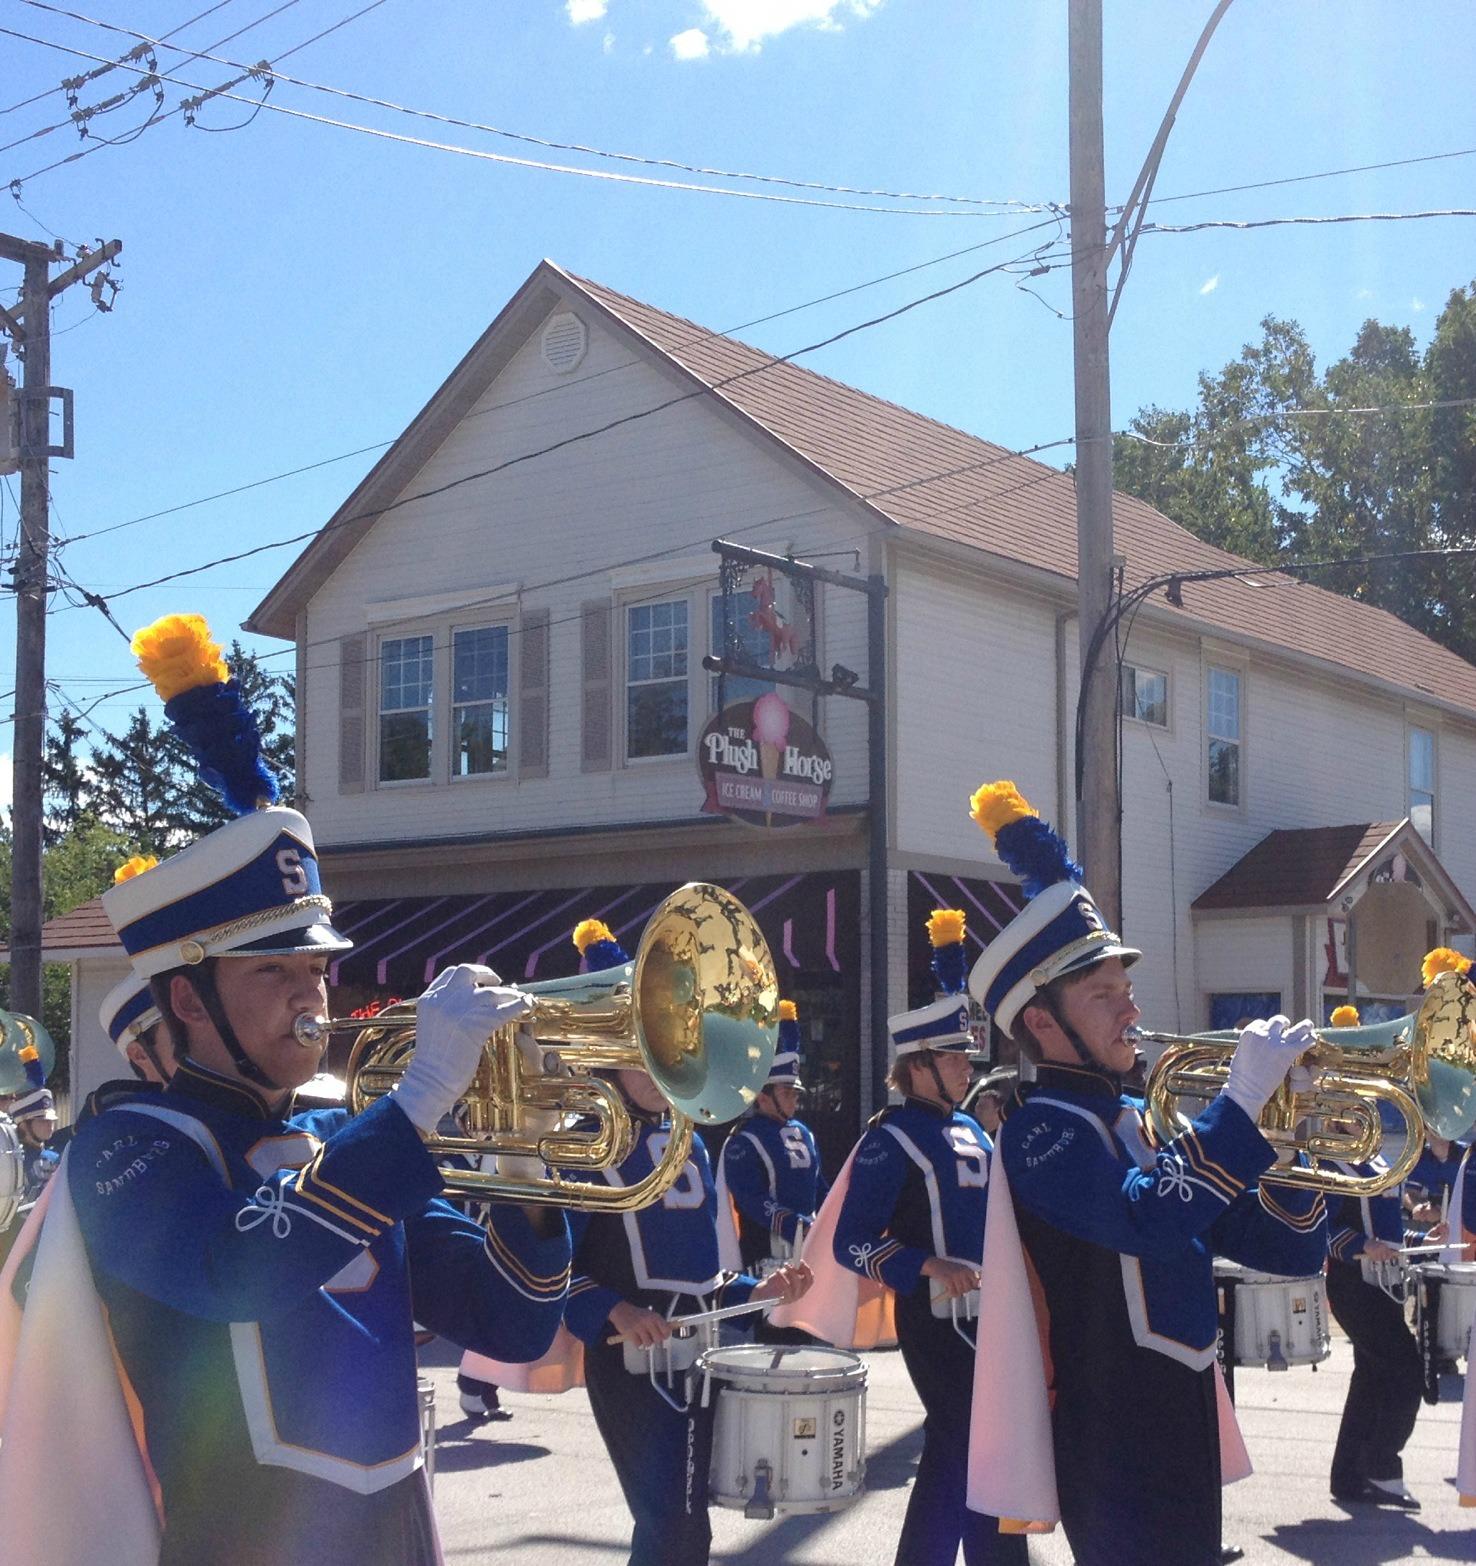 Parade - Carl Sandburg marching band